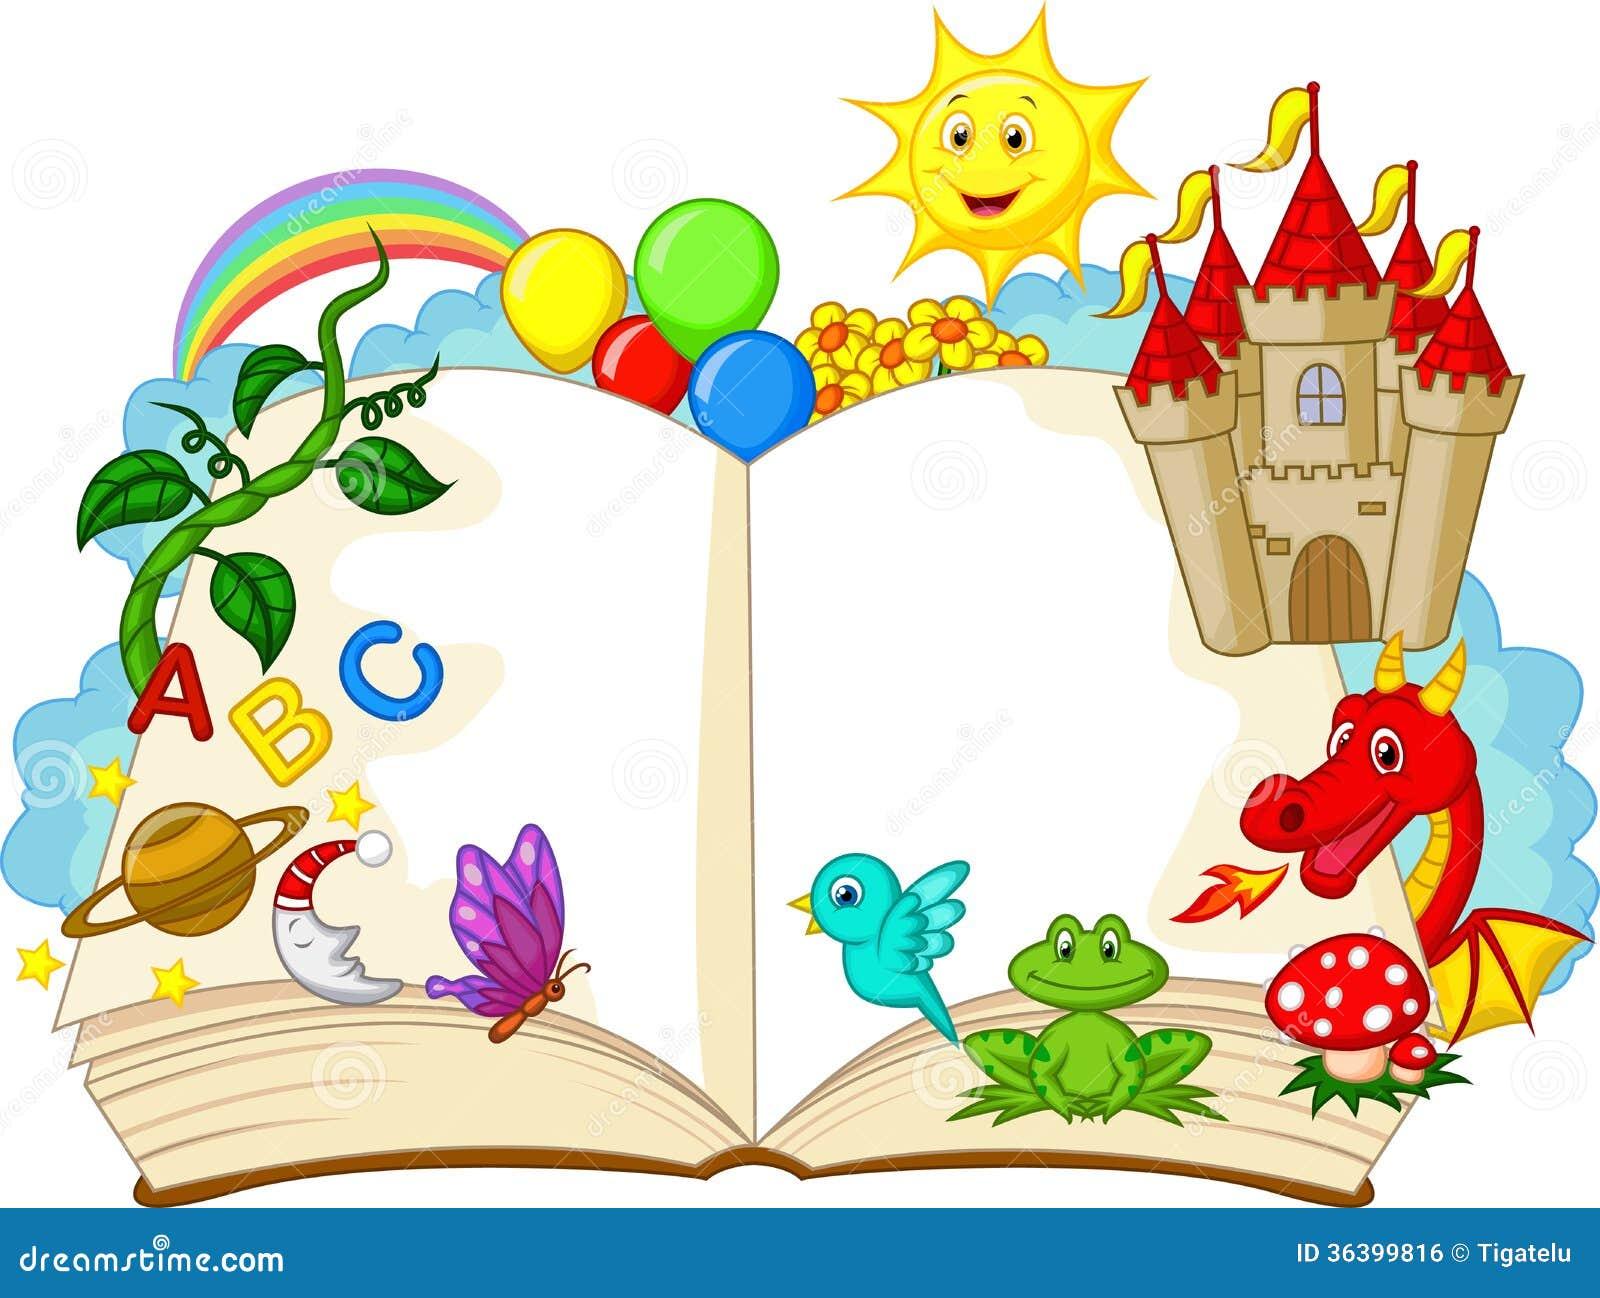 Desenhos animados do livro da fantasia imagem de stock